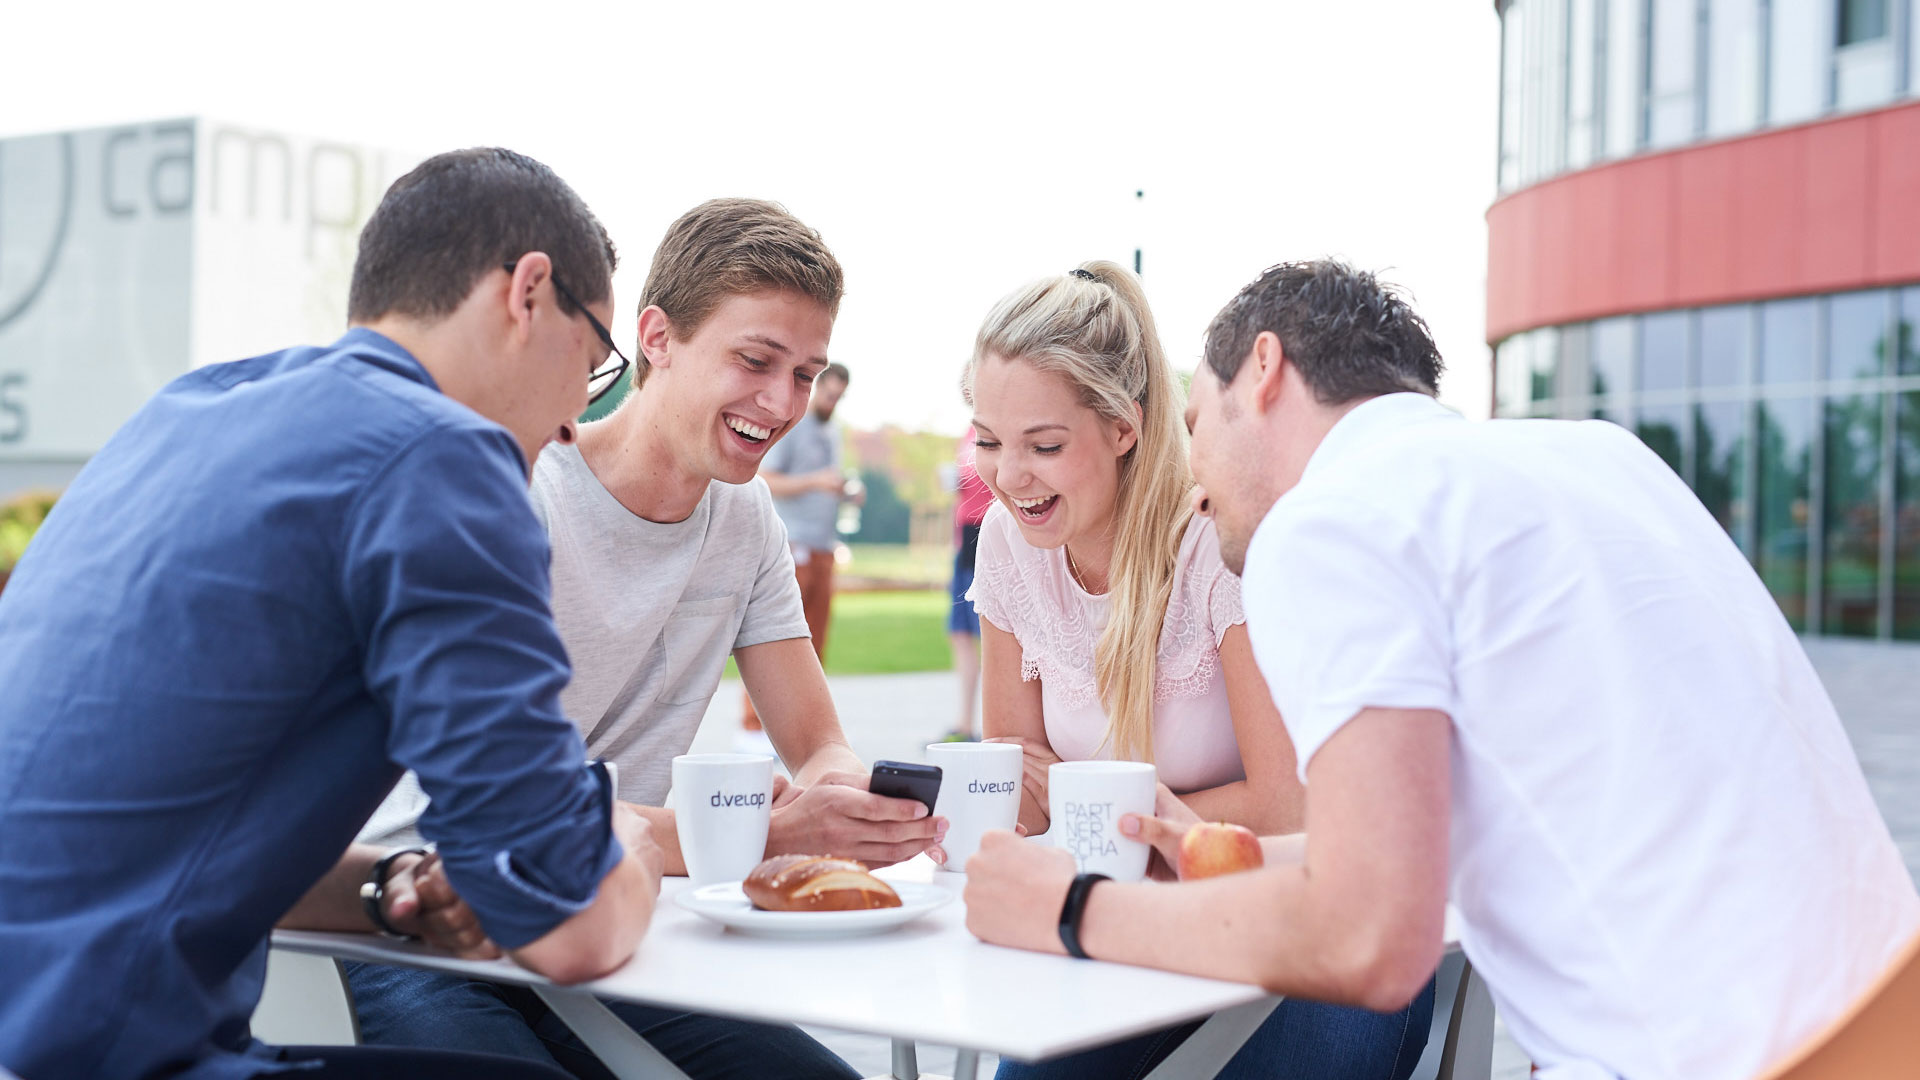 Meeting auf dem d.velop campus